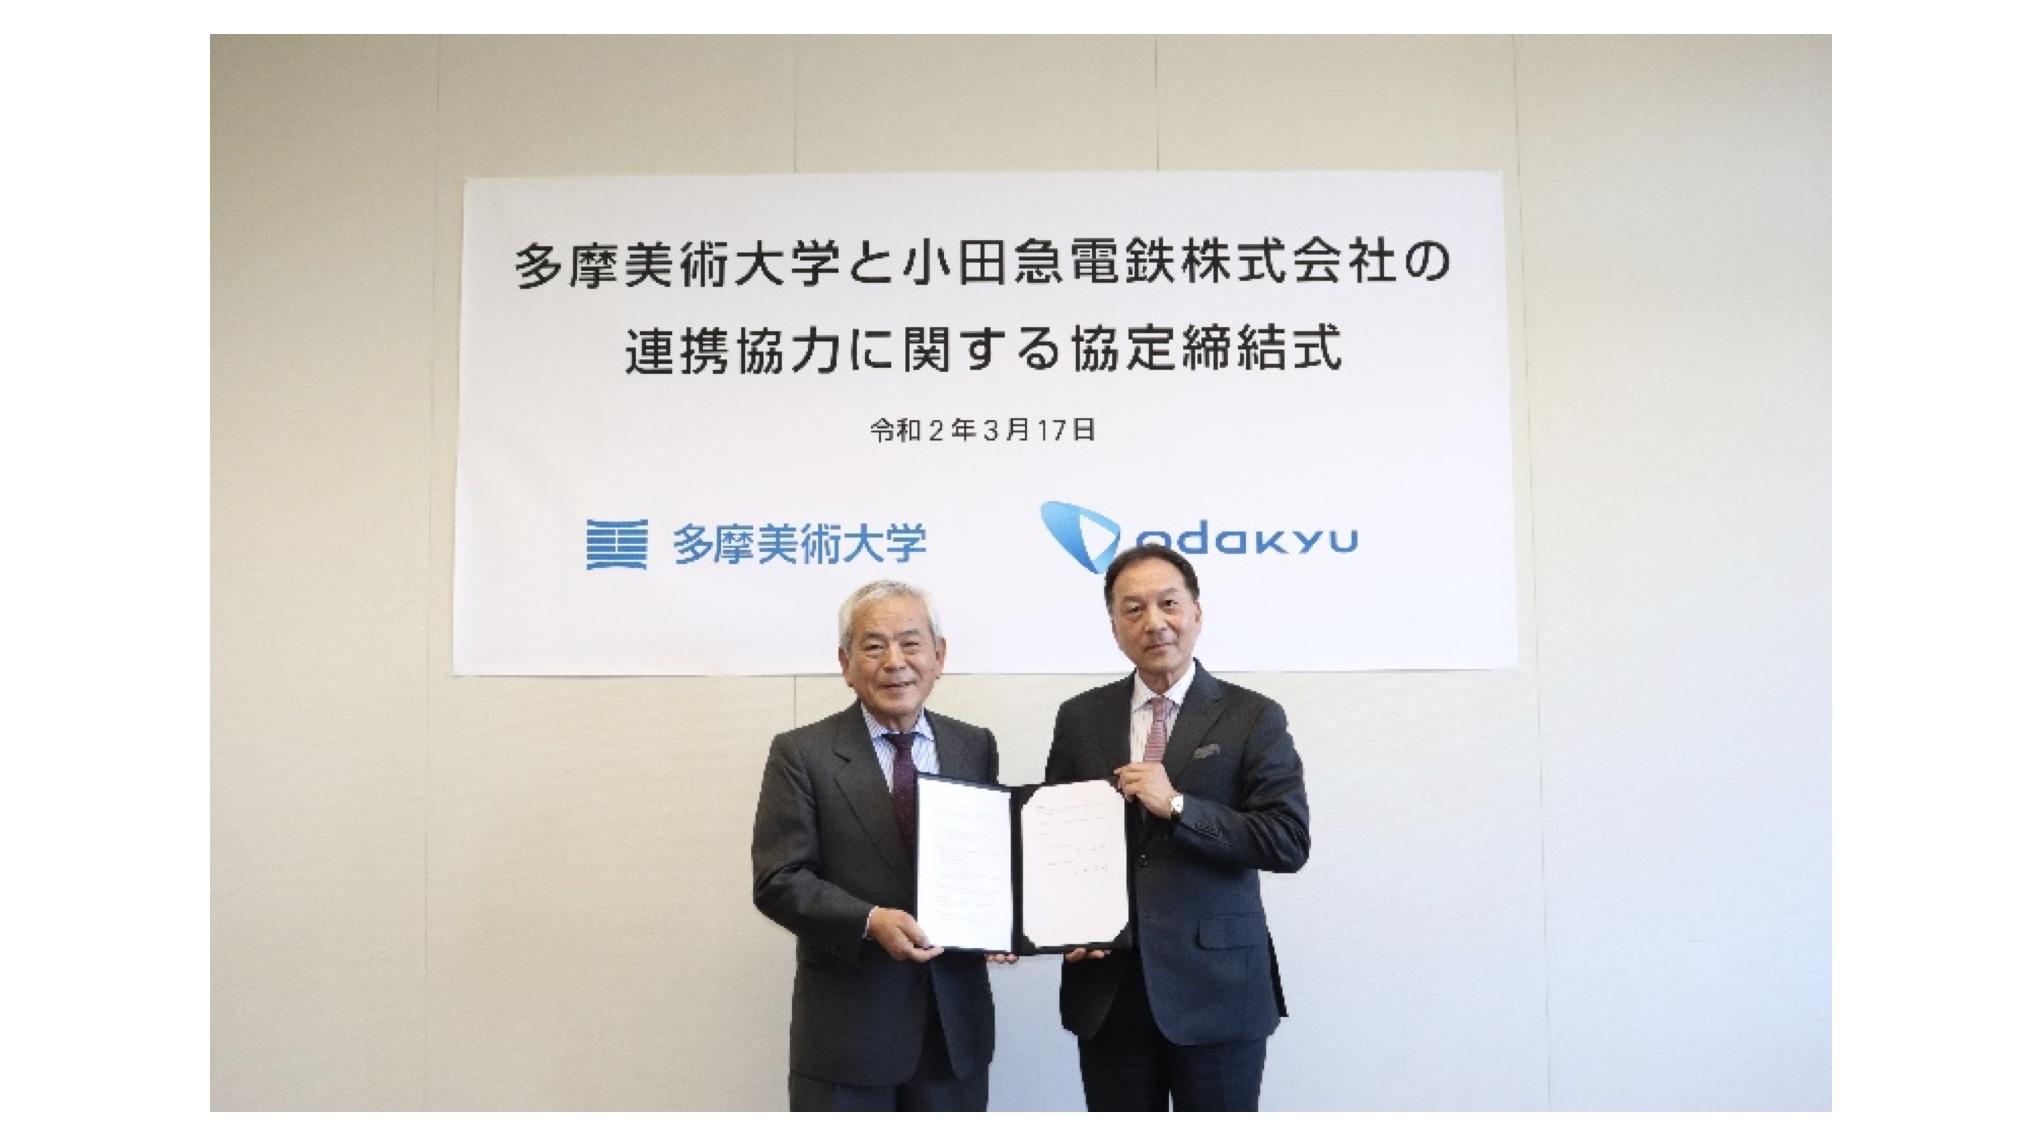 多摩美術大学×小田急電鉄 | 連携を深化させ、ブランディング強化と沿線の地域活性化を目指す